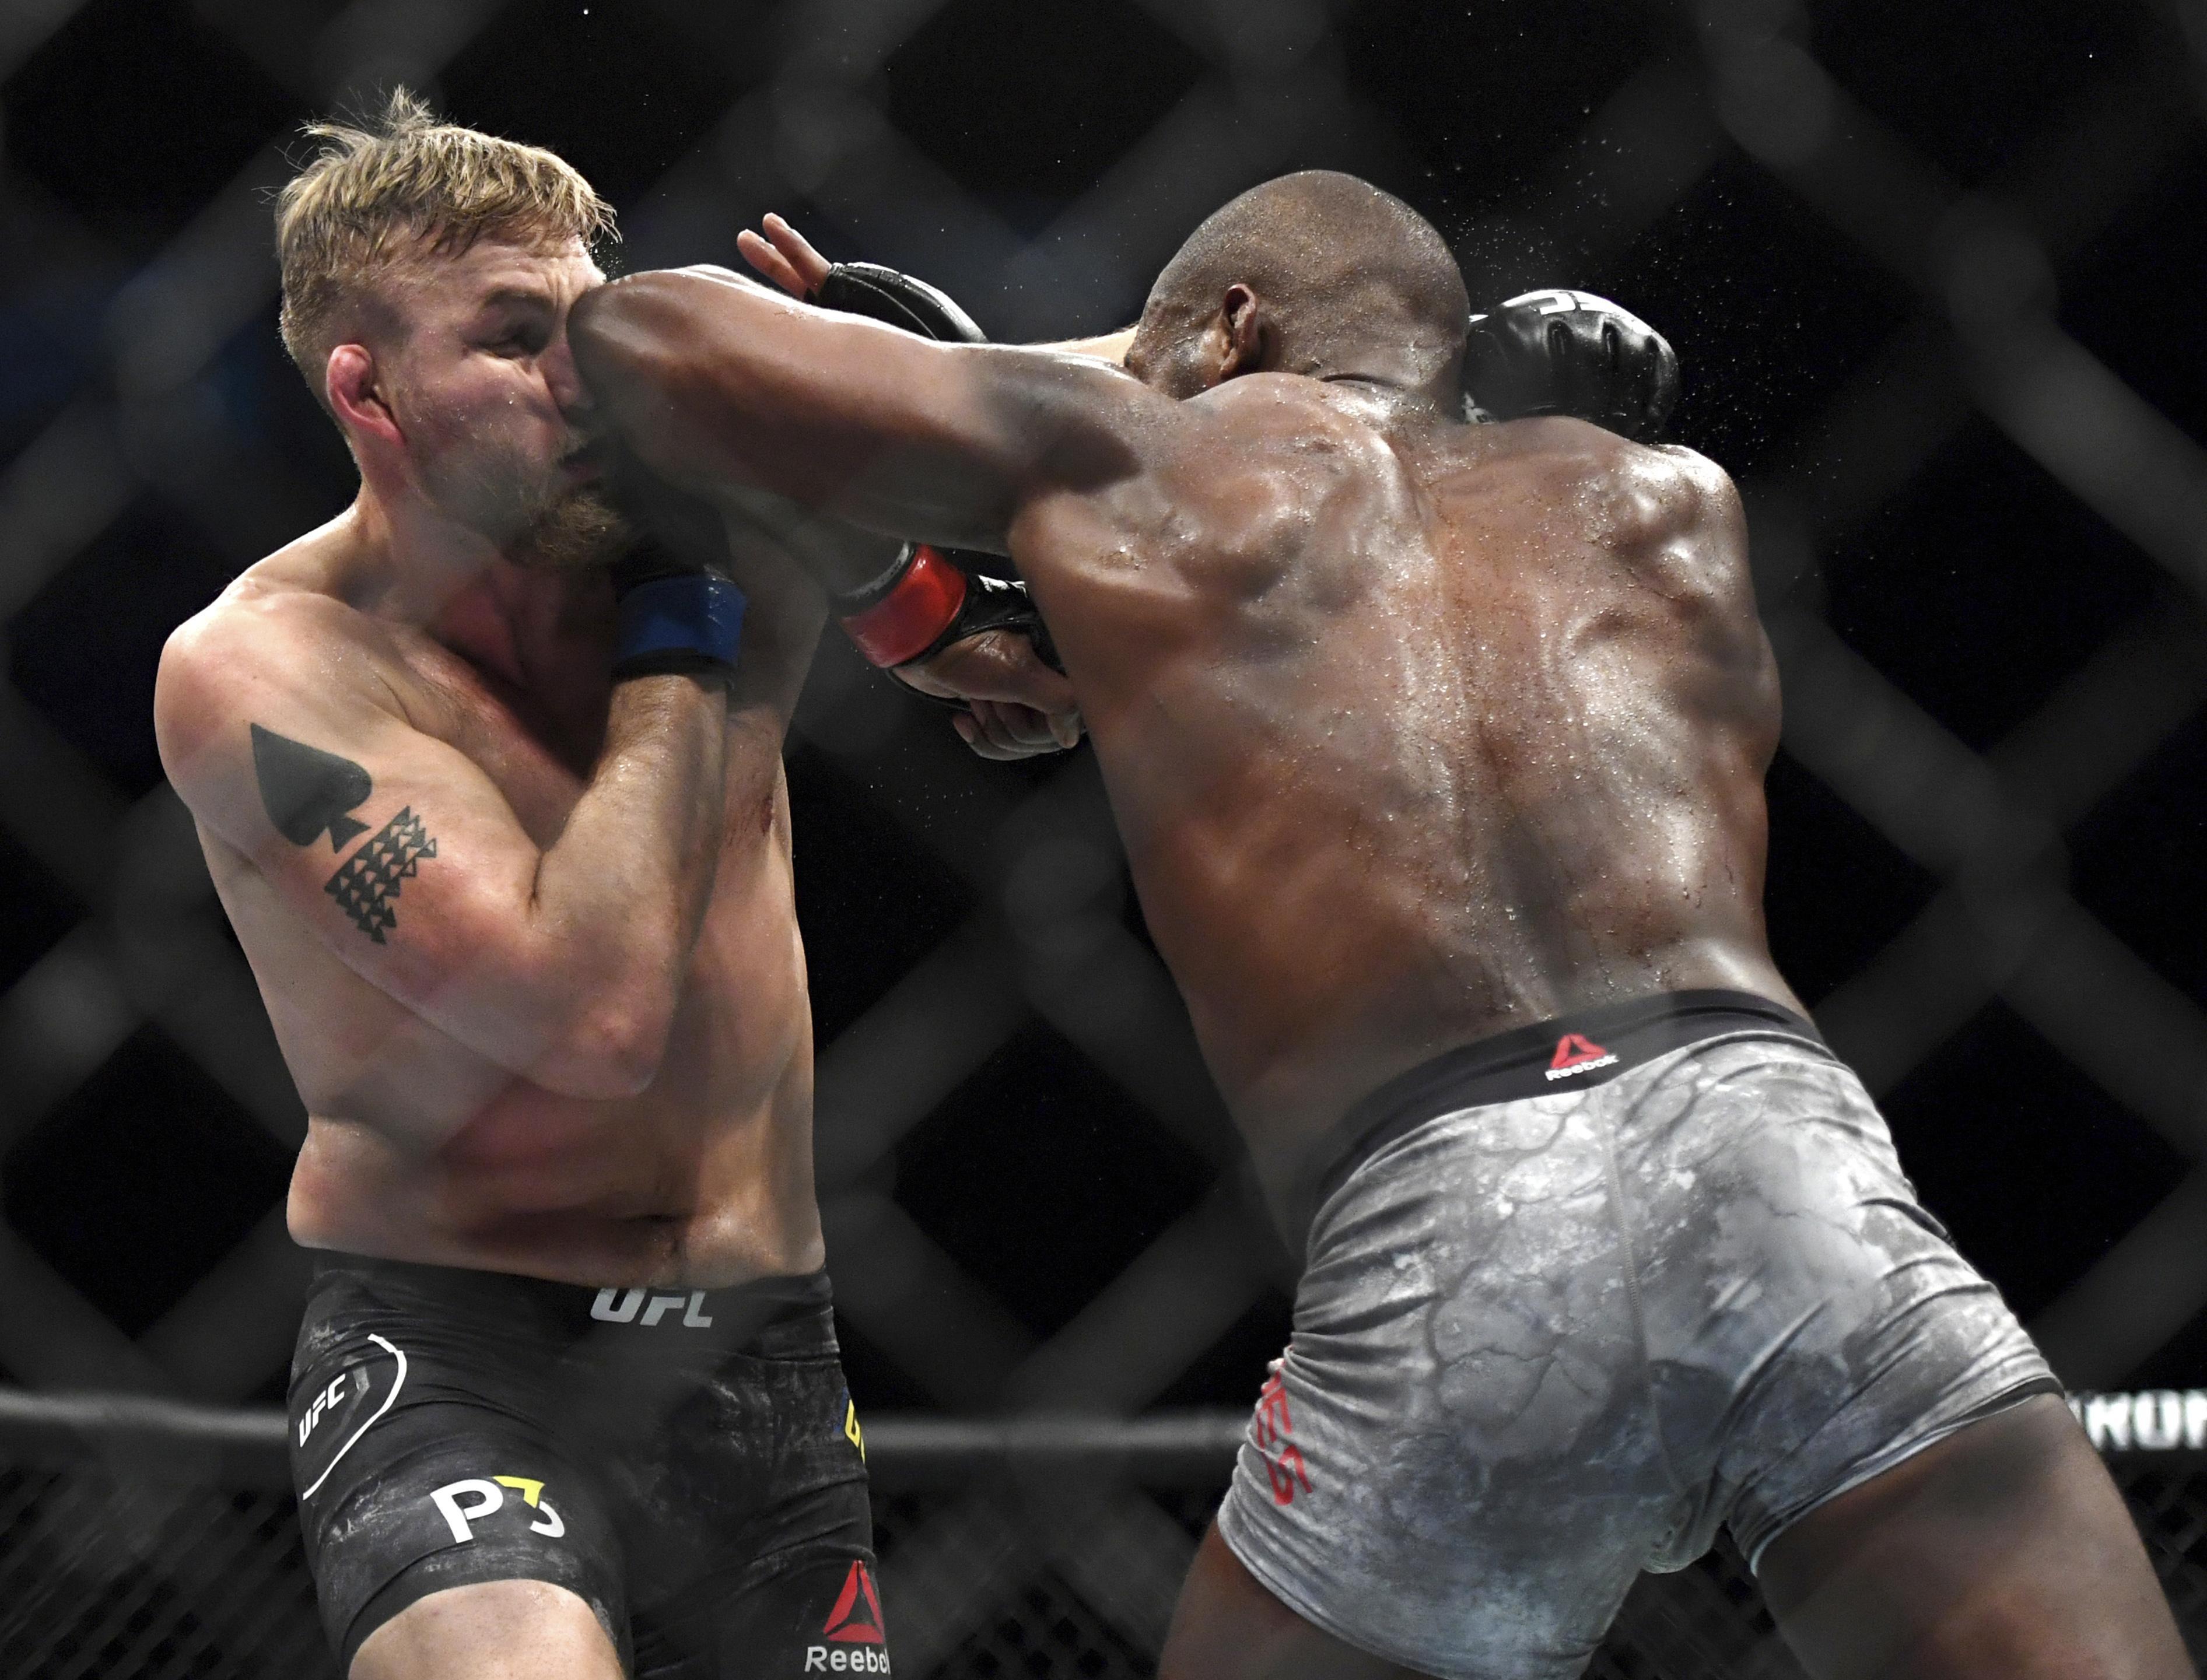 Jones beat Gustafsson at UFC 232